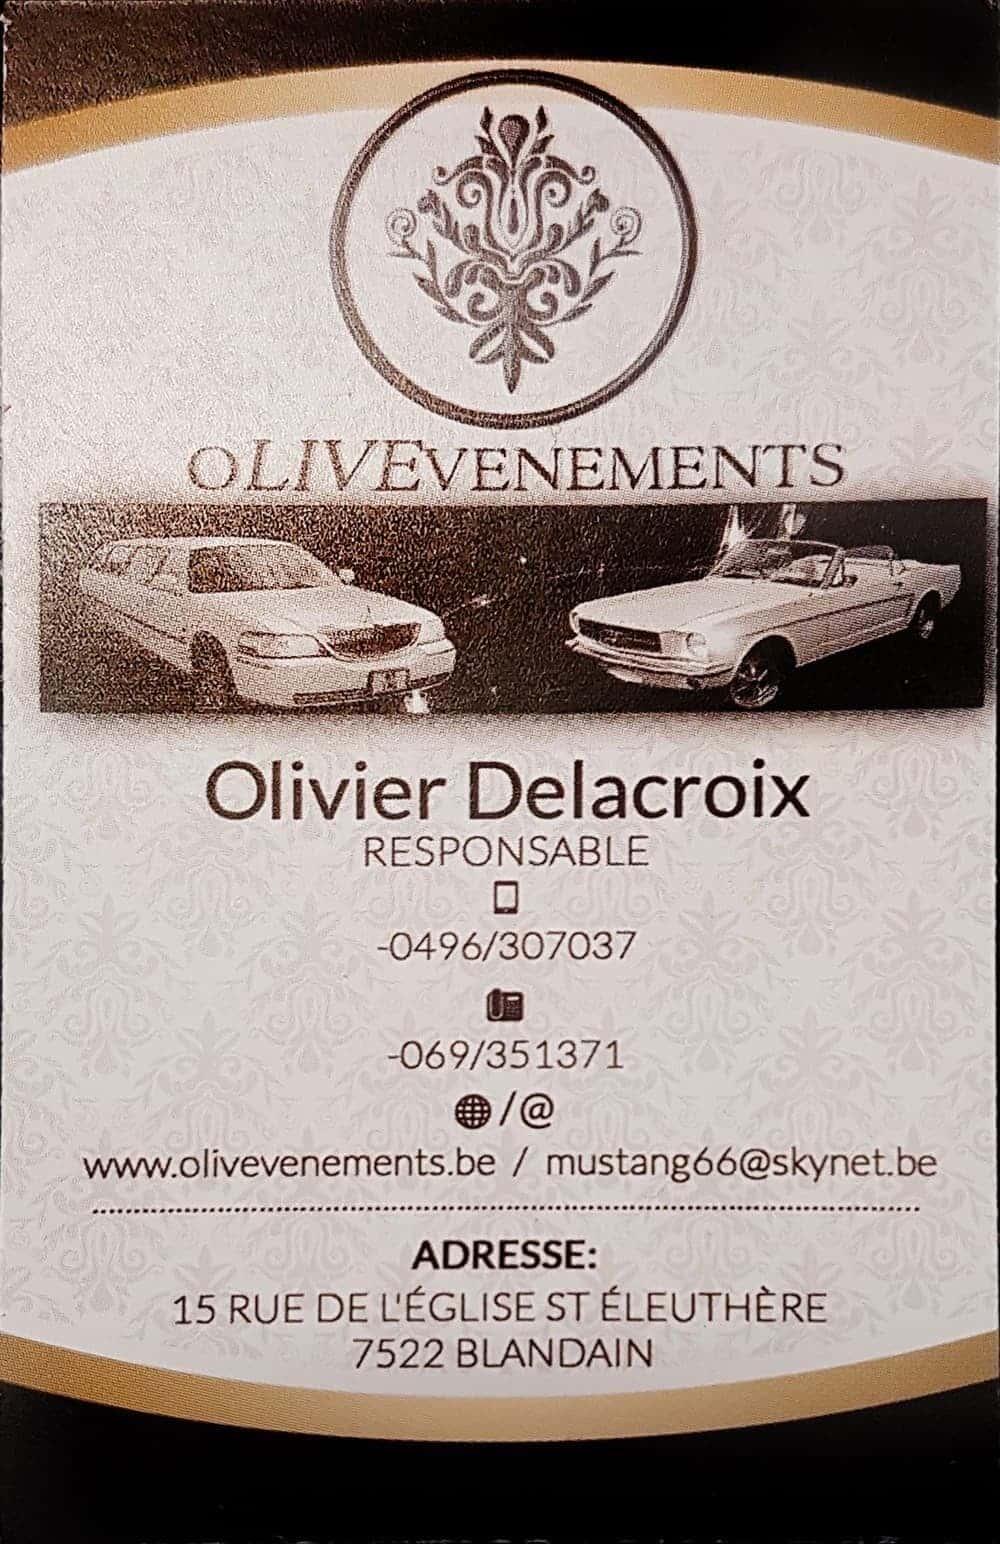 OLIVEVENEMENTS OLIVIER DELACROIX LOCATION DE VOITURES ET DE LIMOUSINE POUR VOTRE EVENEMENT ET VOTRE MARIAGE